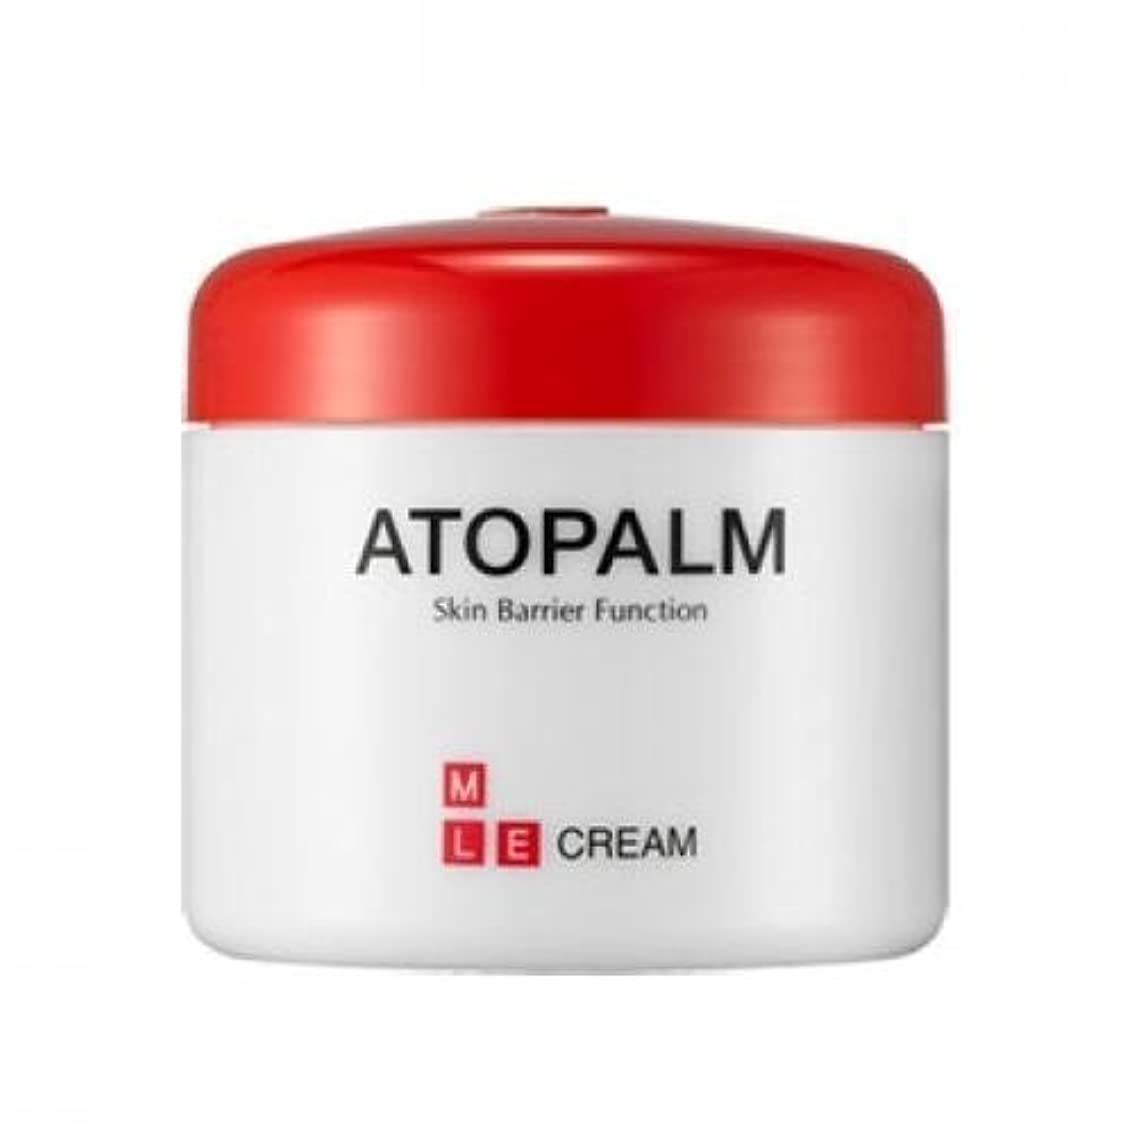 トランクライブラリ調整するアシュリータファーマンATOPALM MLE Cream (160ml) (Korean original)